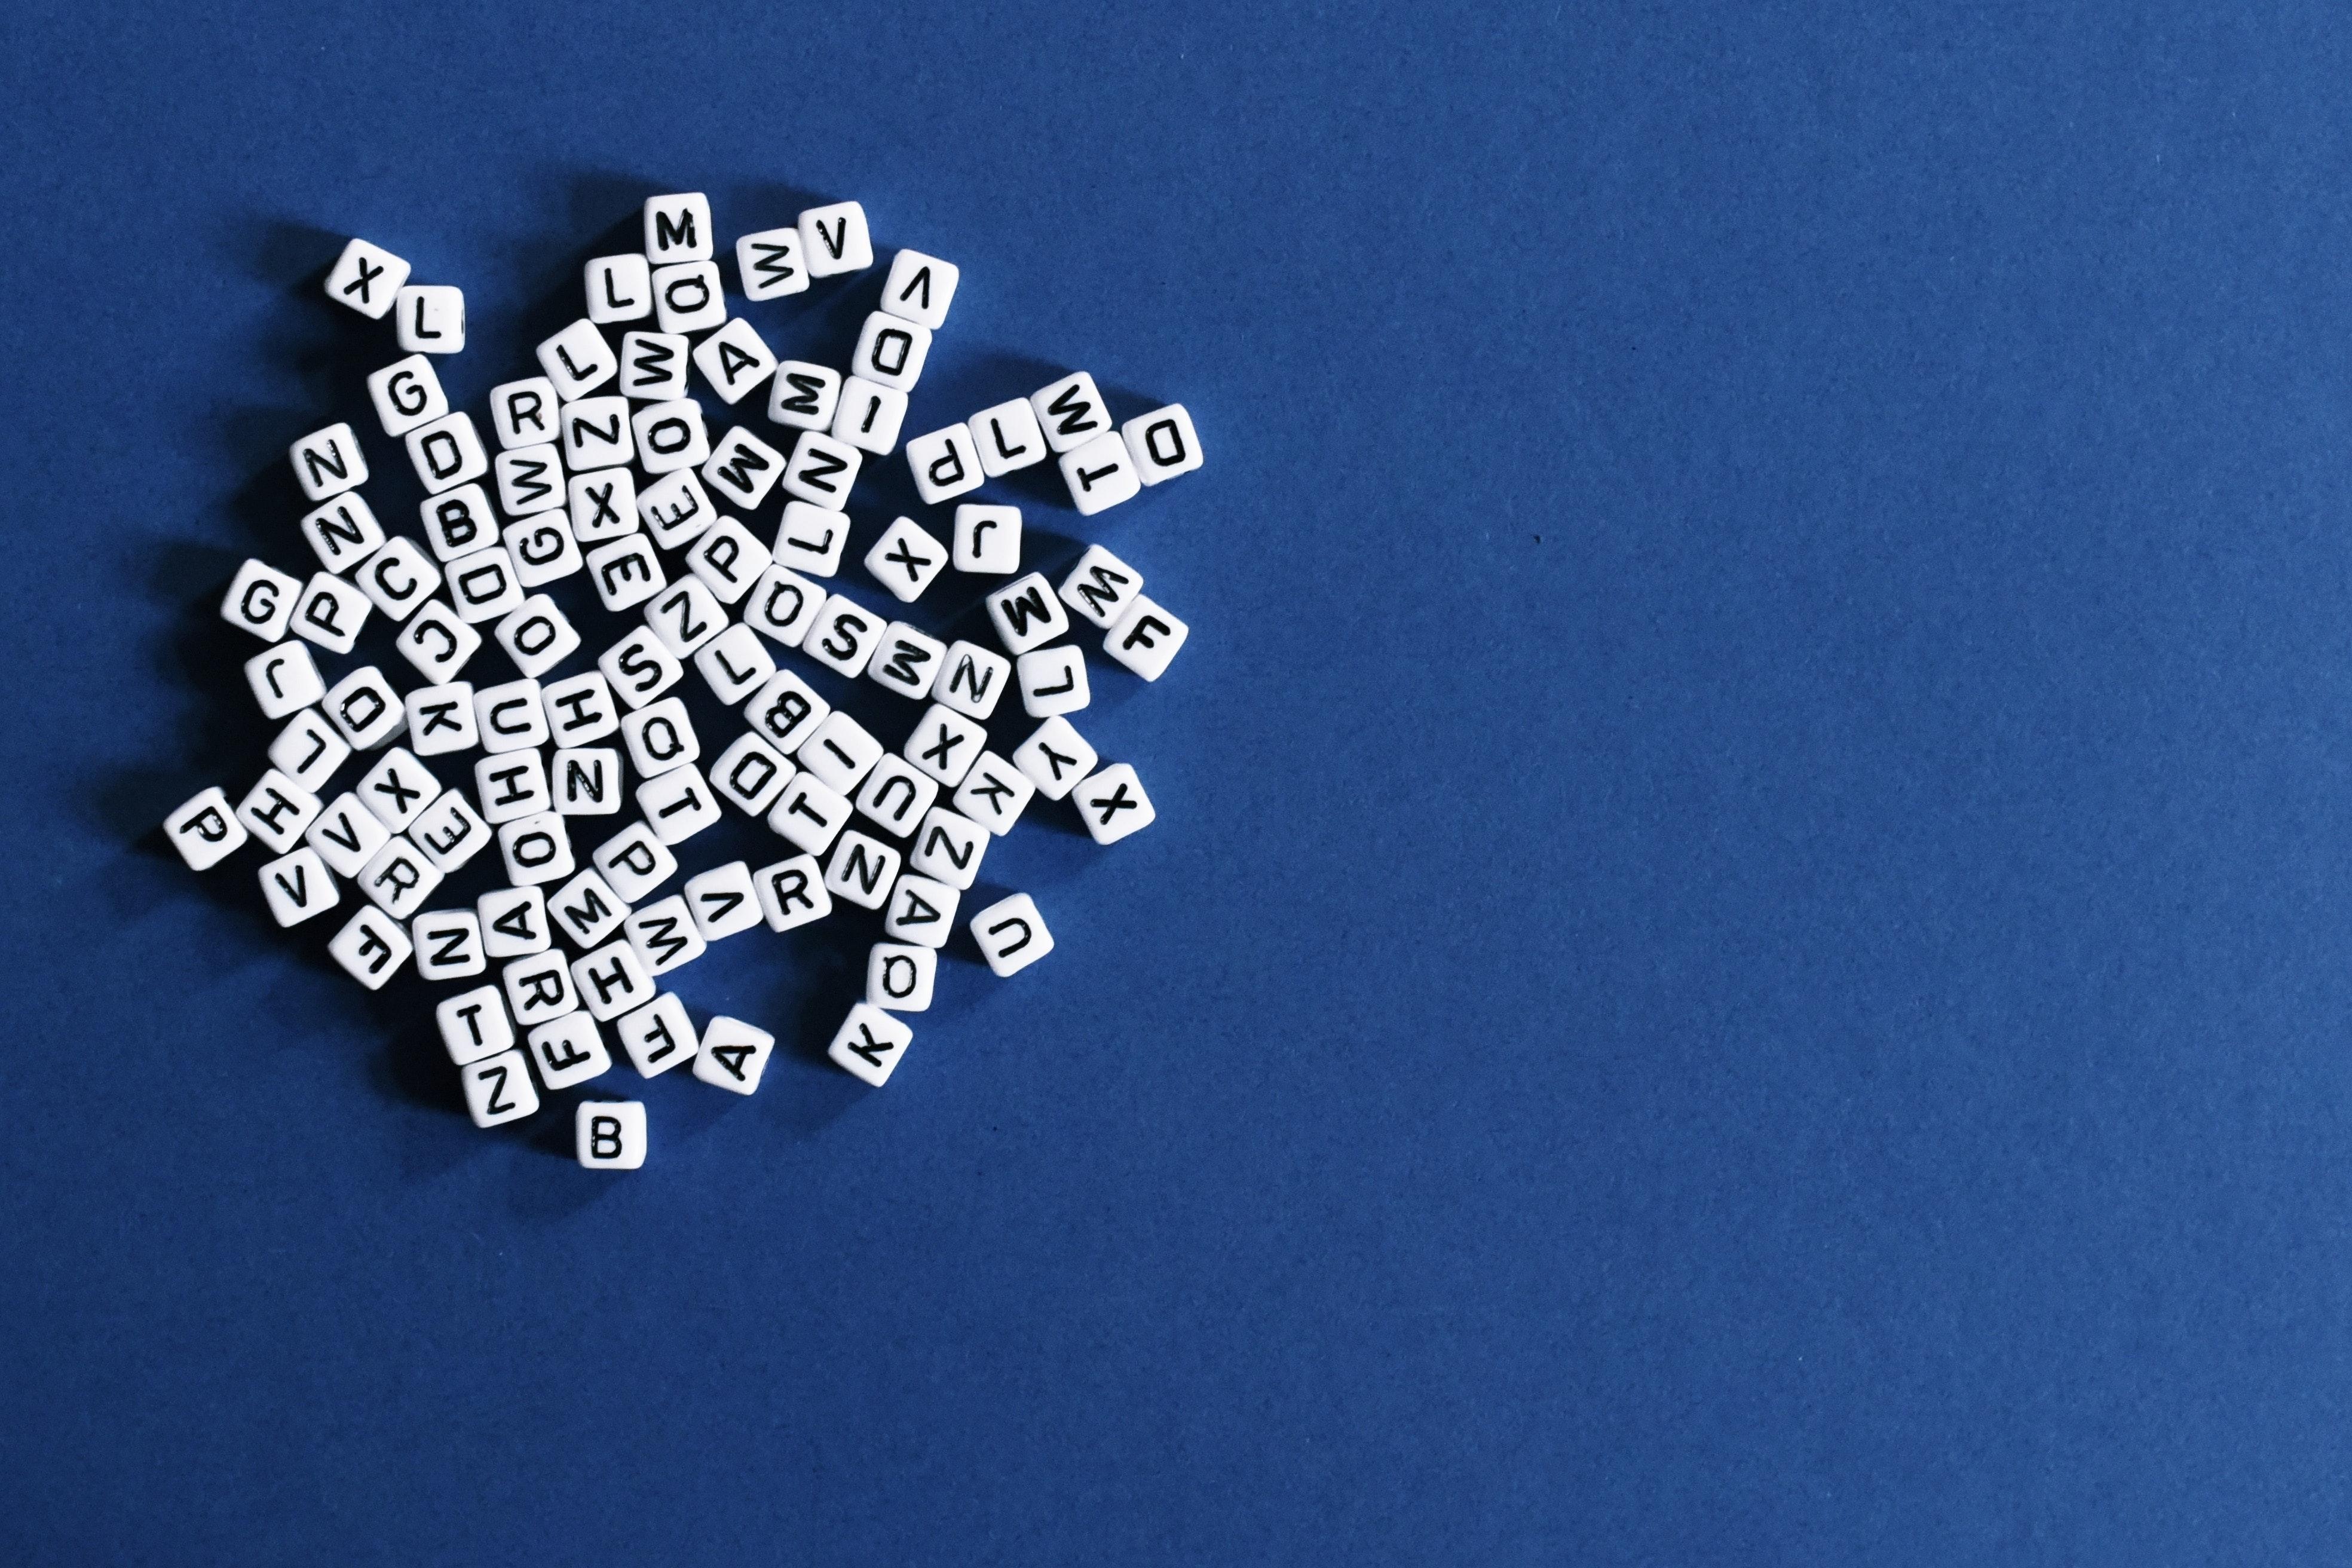 Buchstabenwuerfel symbolbild doktorarbeit thema dissertation.8e58e43255d4e99dfb11aff50ff3e1763